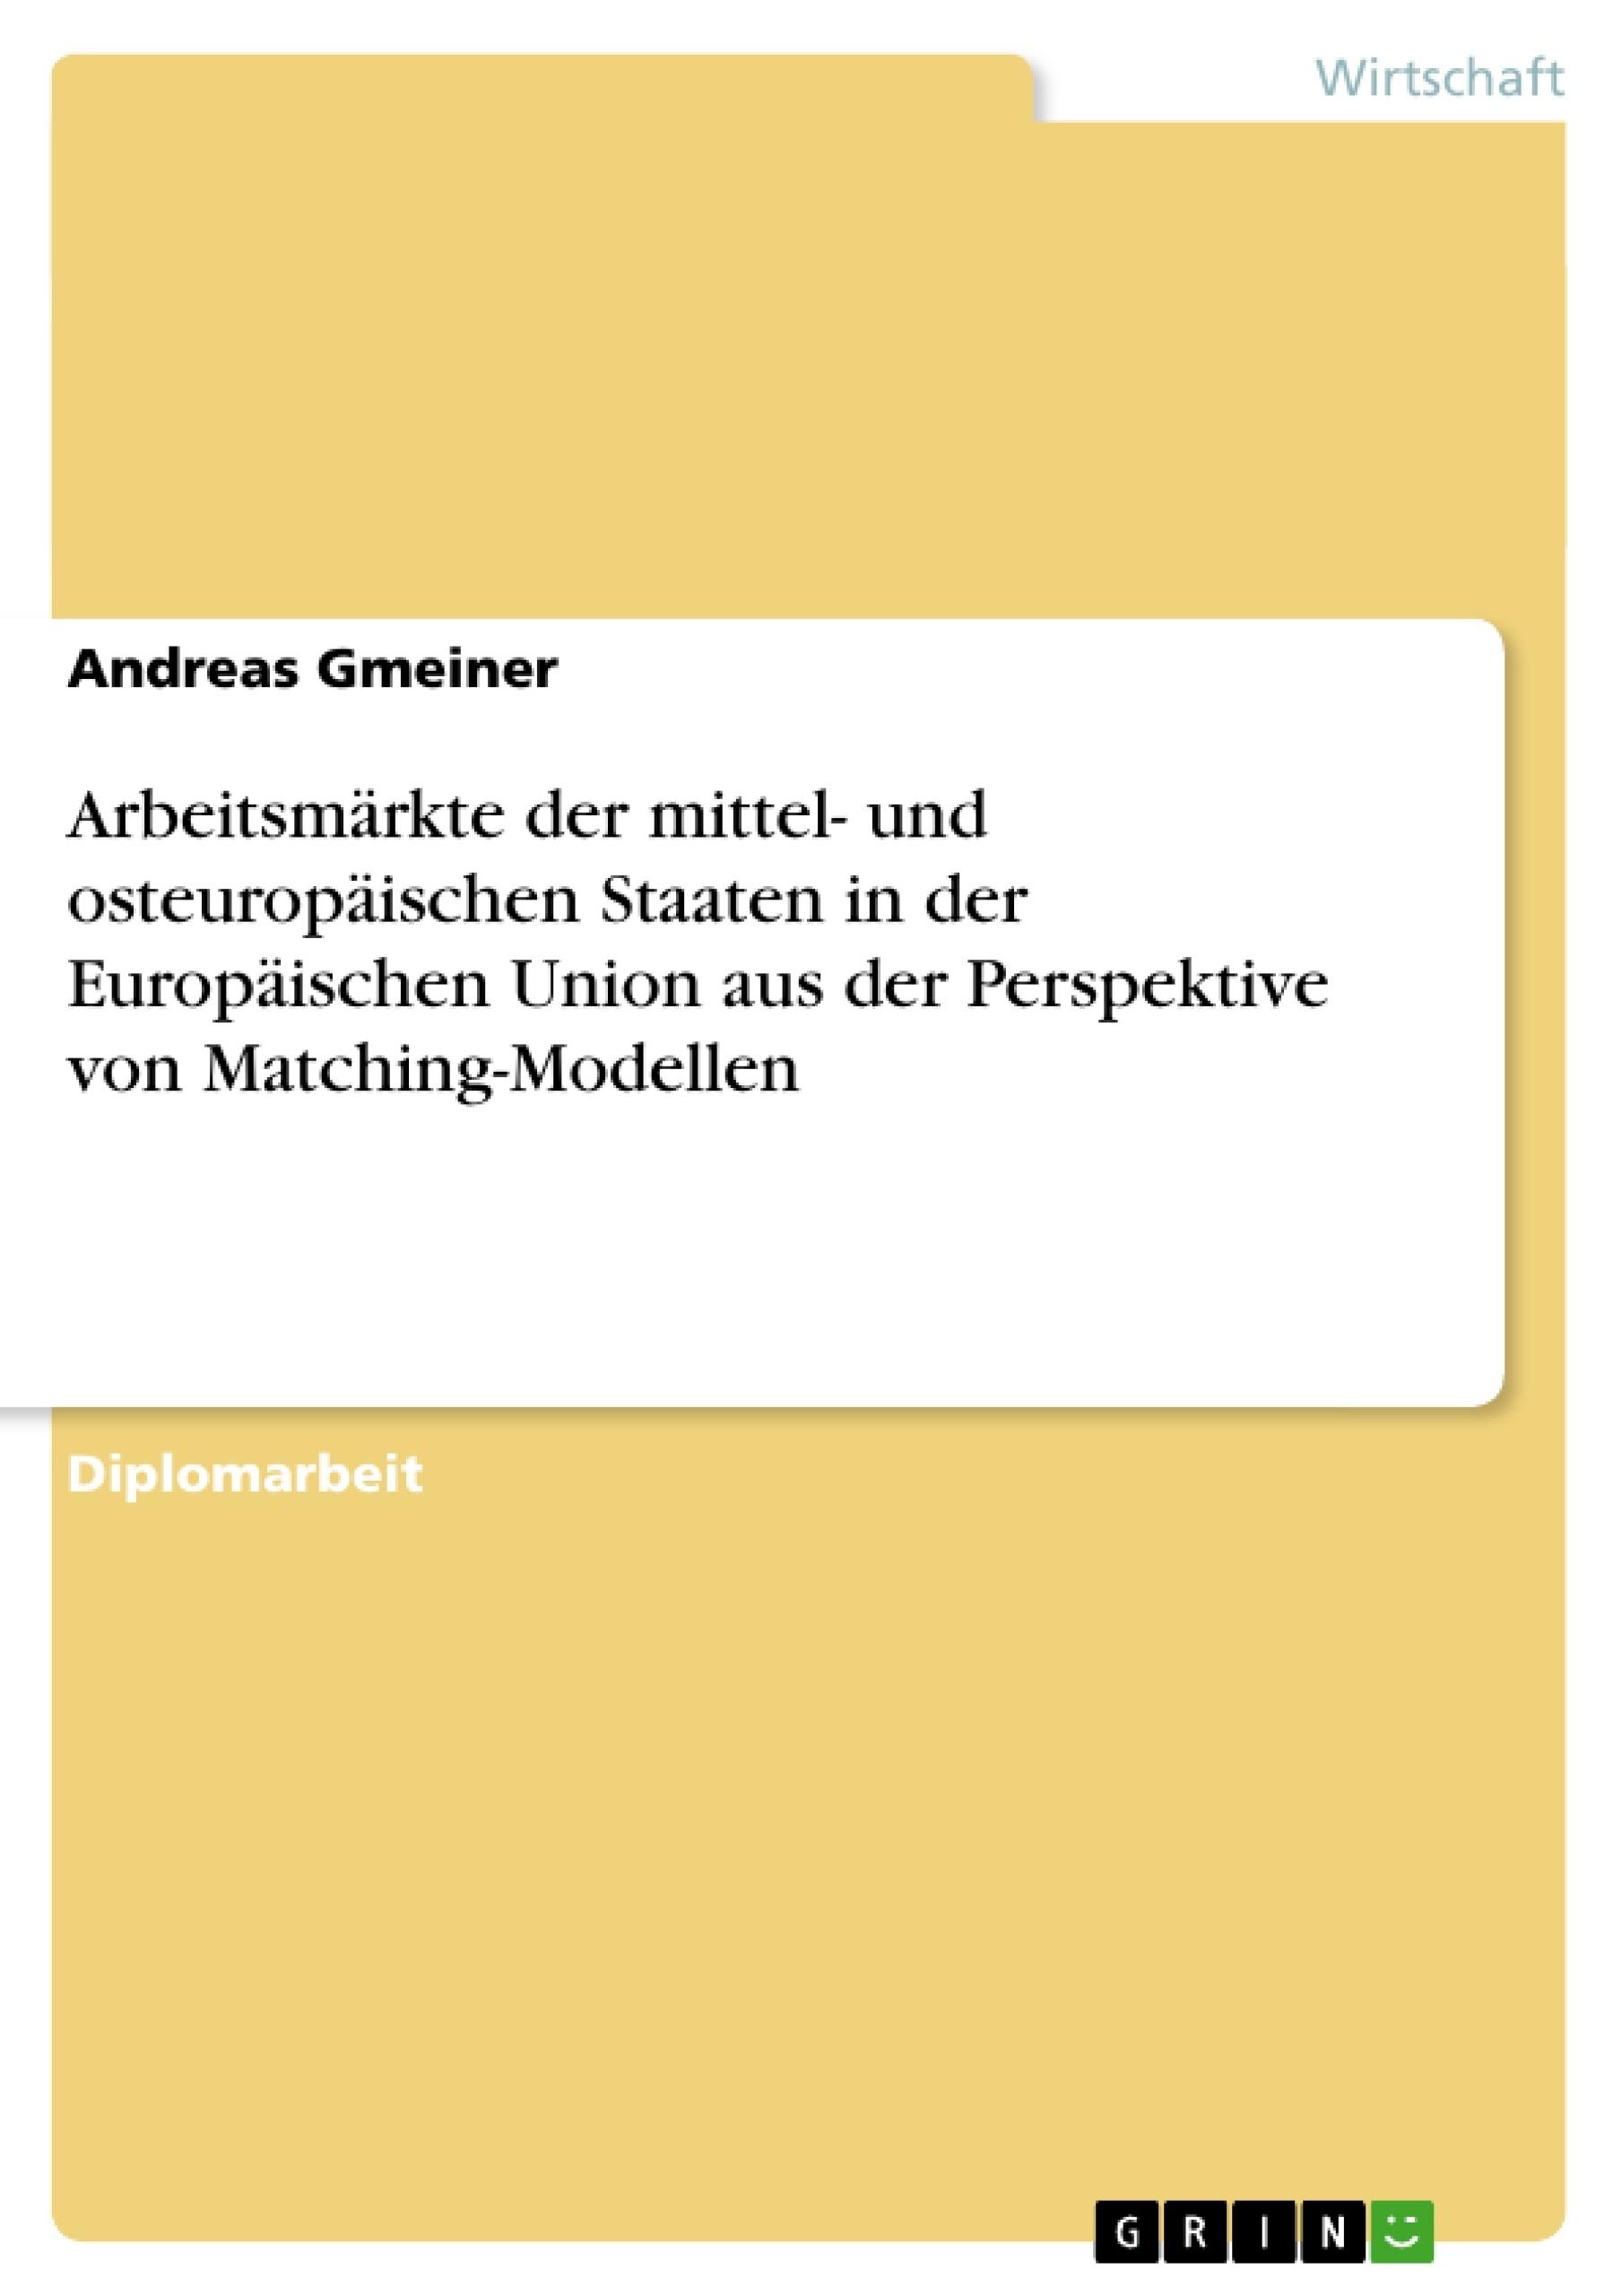 Titel: Arbeitsmärkte der mittel- und osteuropäischen Staaten in der Europäischen Union aus der Perspektive von Matching-Modellen